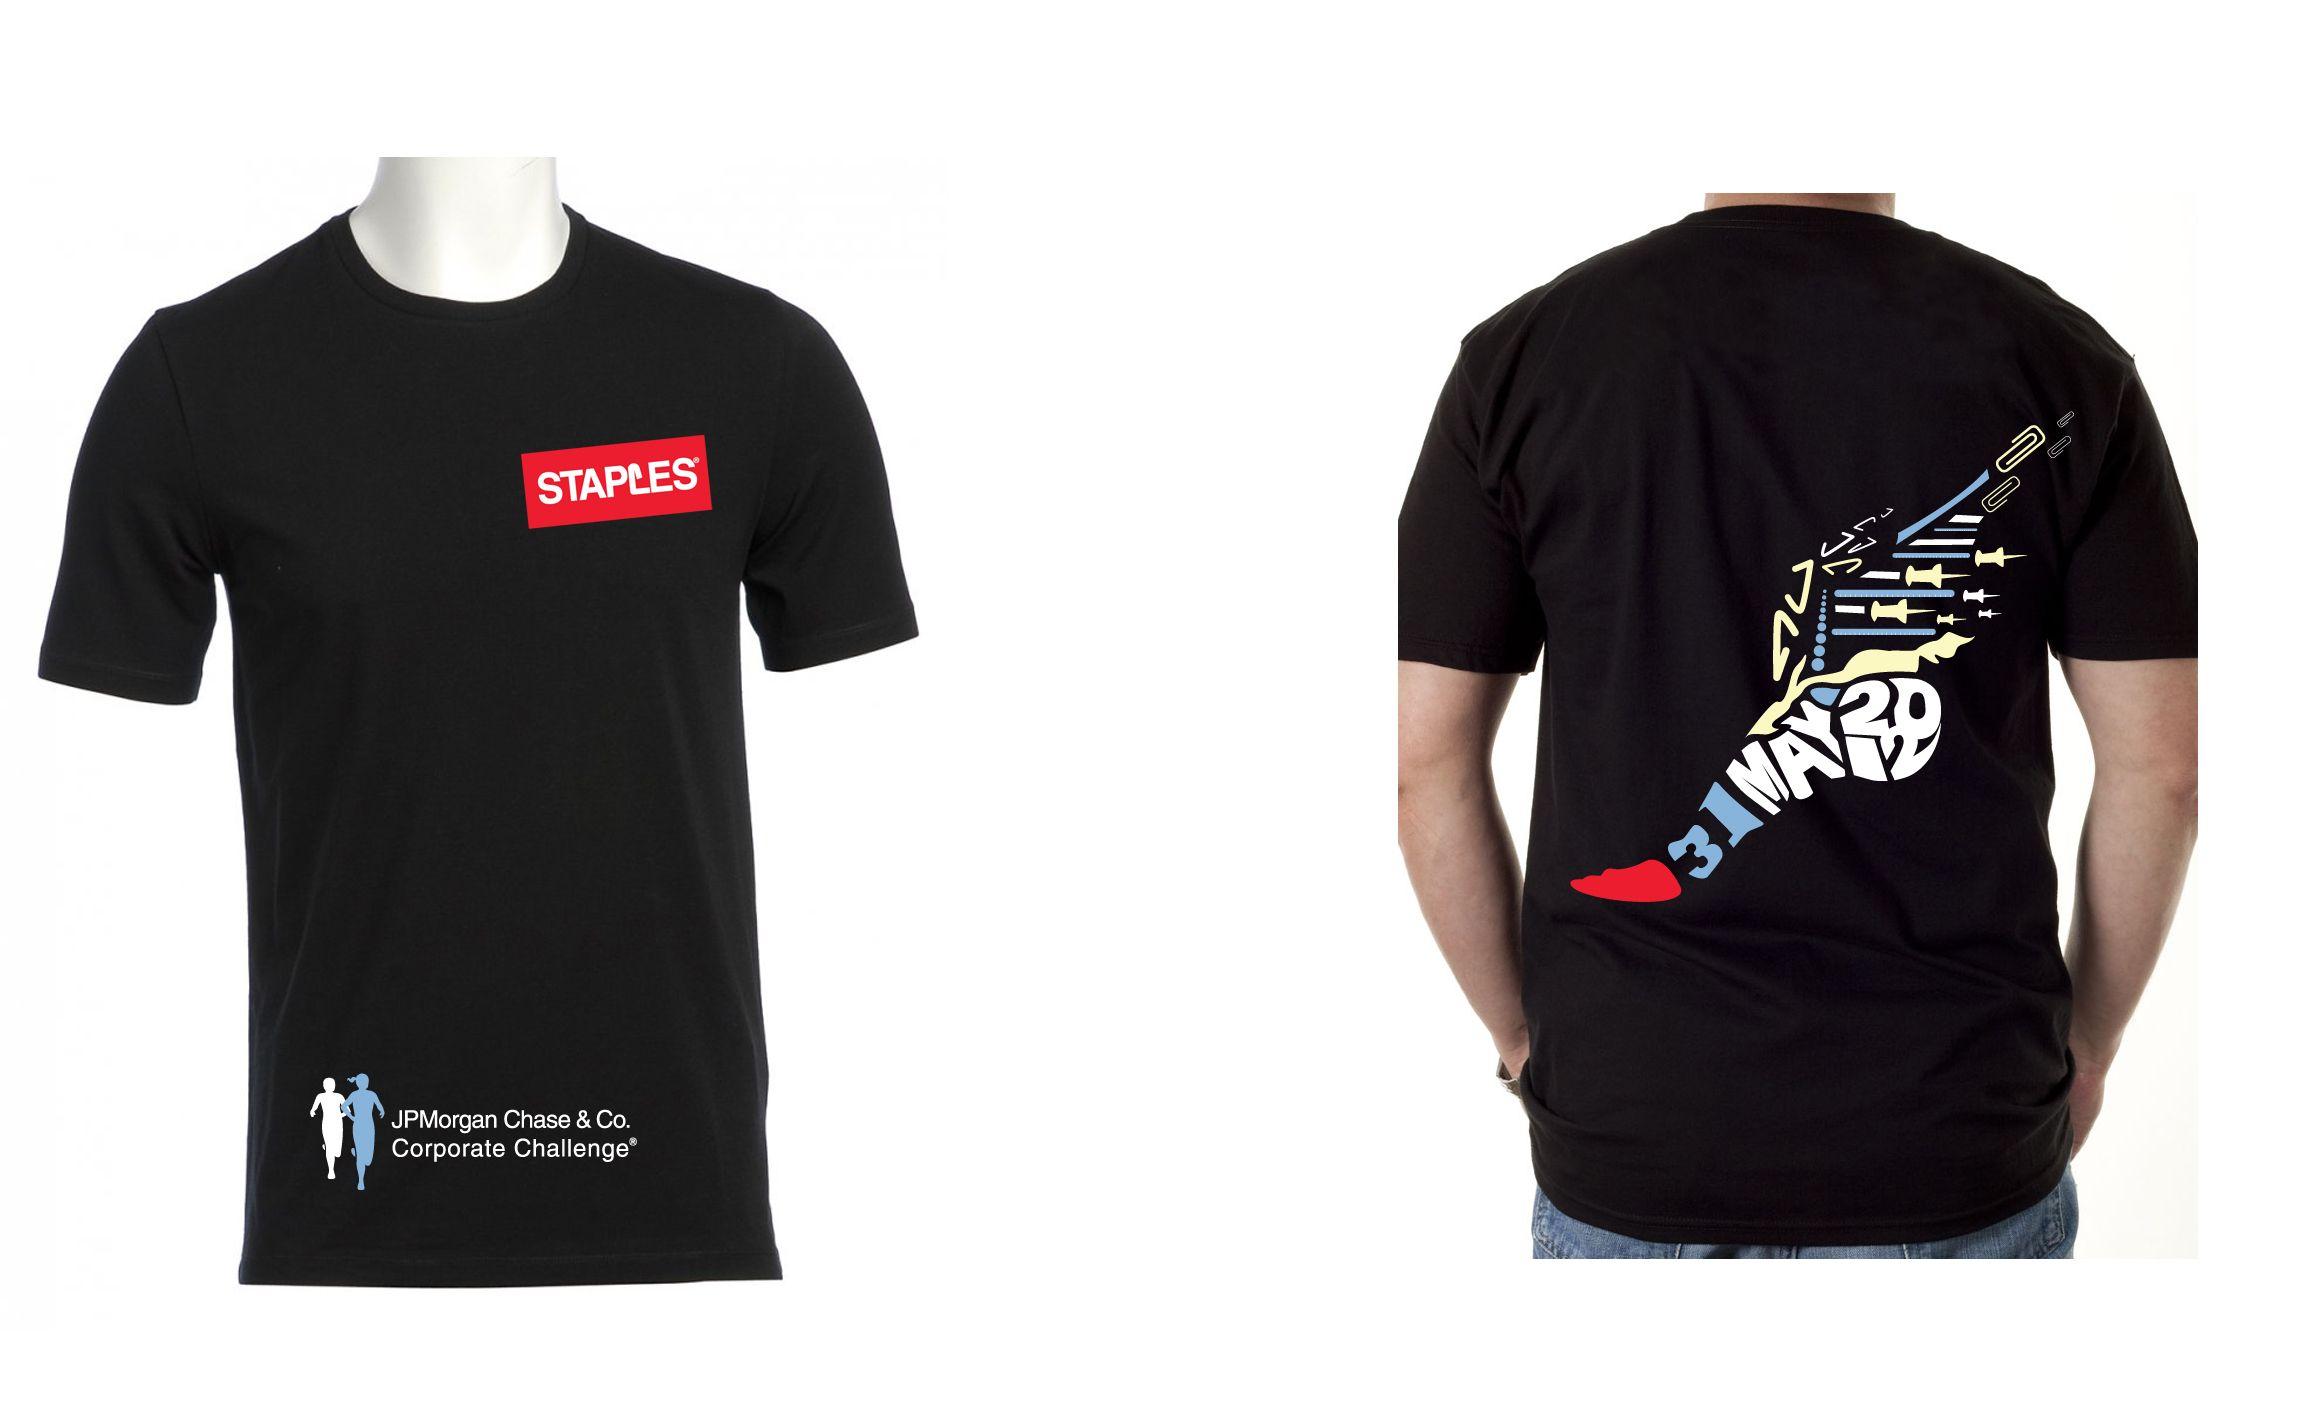 Company T Shirt Design Ideas shirt designs 2012 tshirt design cool tee shirt design ideas Resultado De Imagem Para Shirt Design Logo